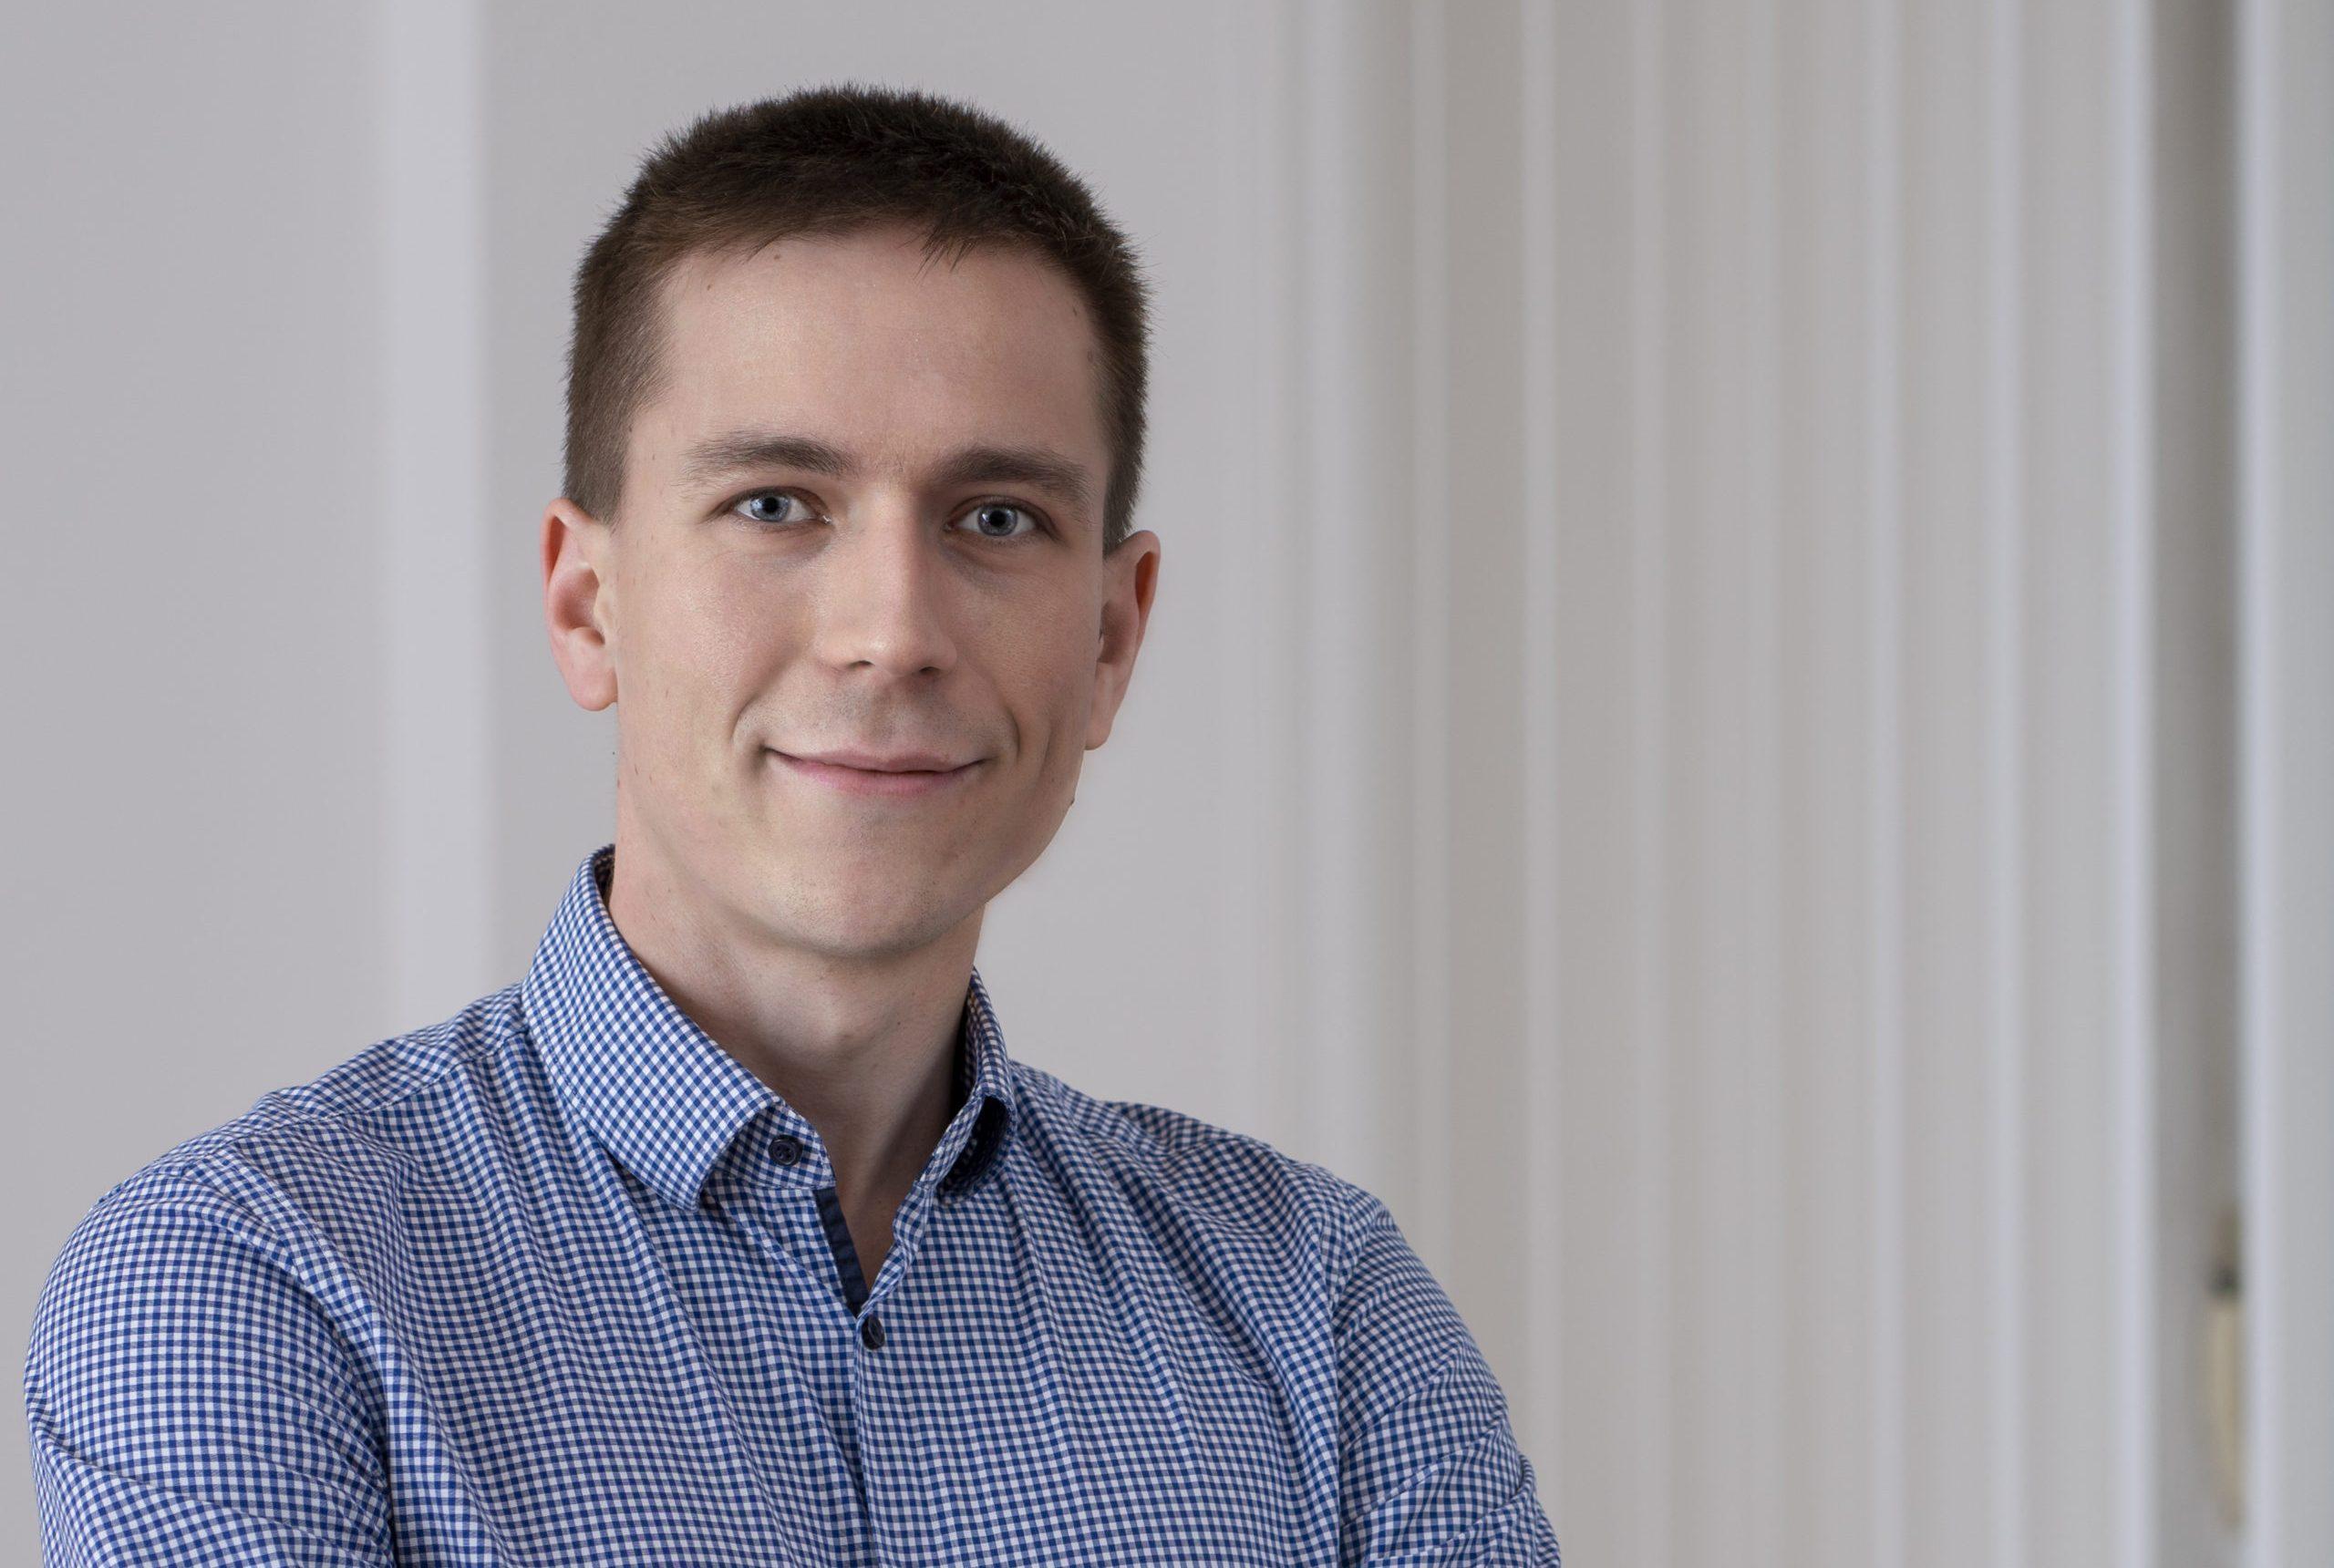 Andreas Pankratz - Qualitätssicherung